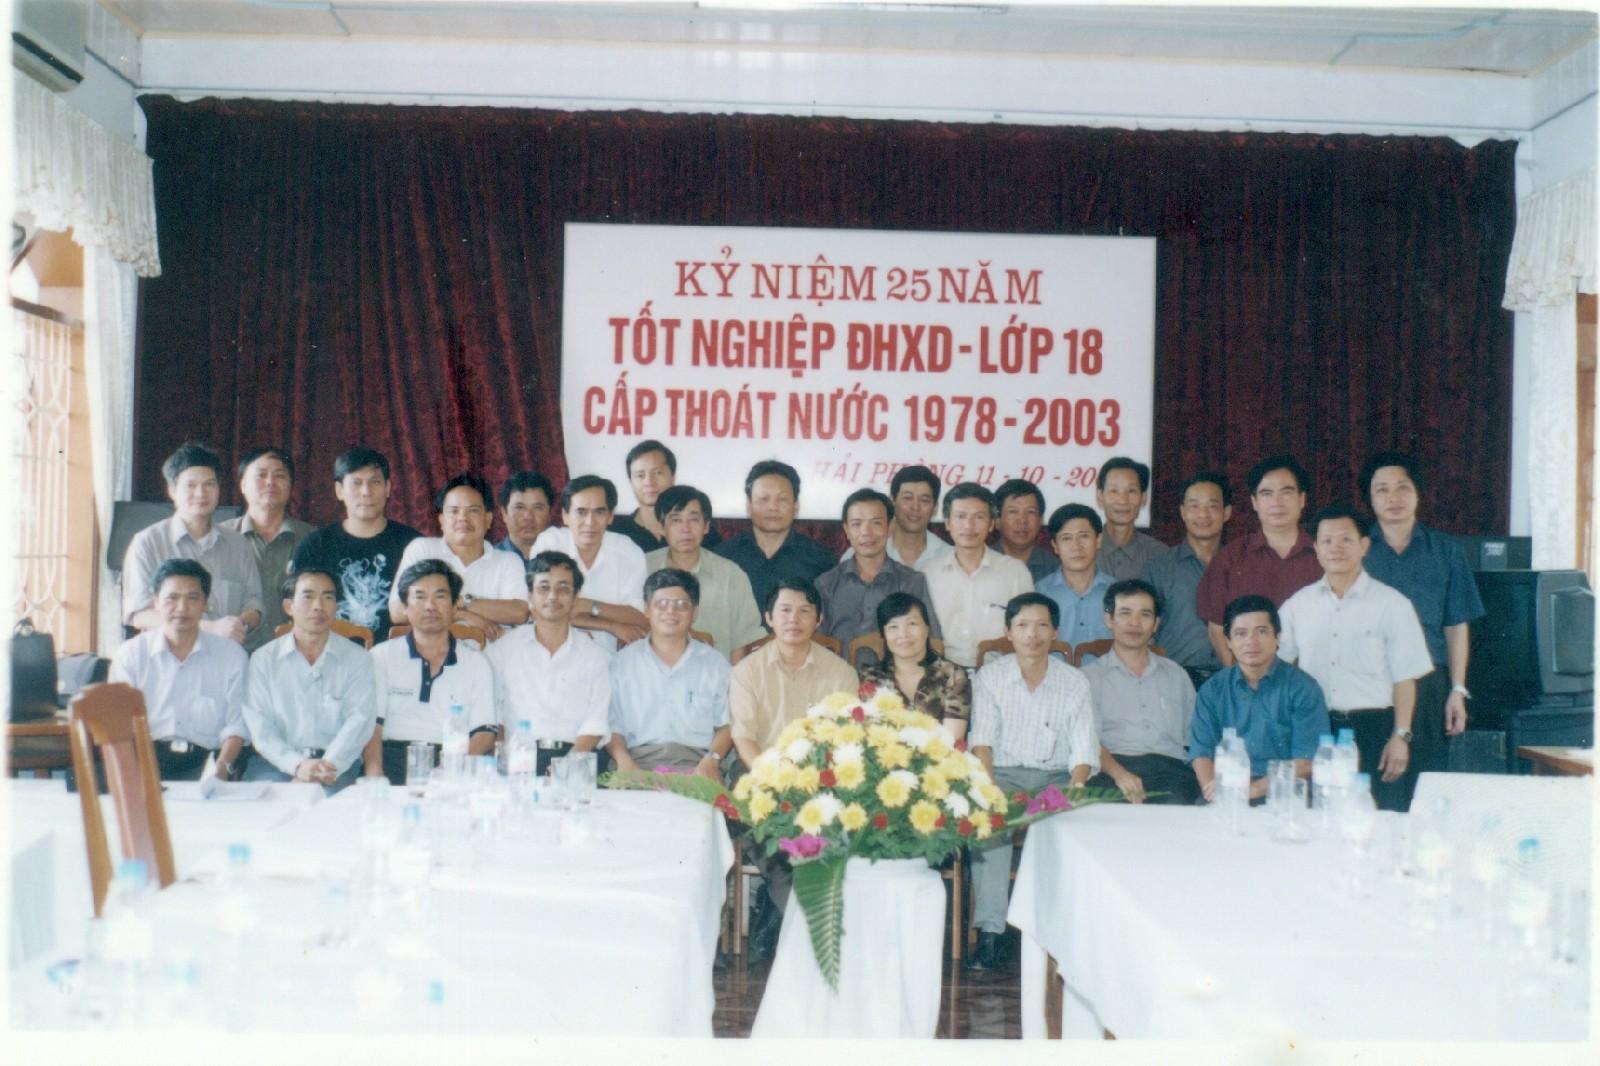 Kỷ niệm 25 năm ra trường lớp 18 CTN